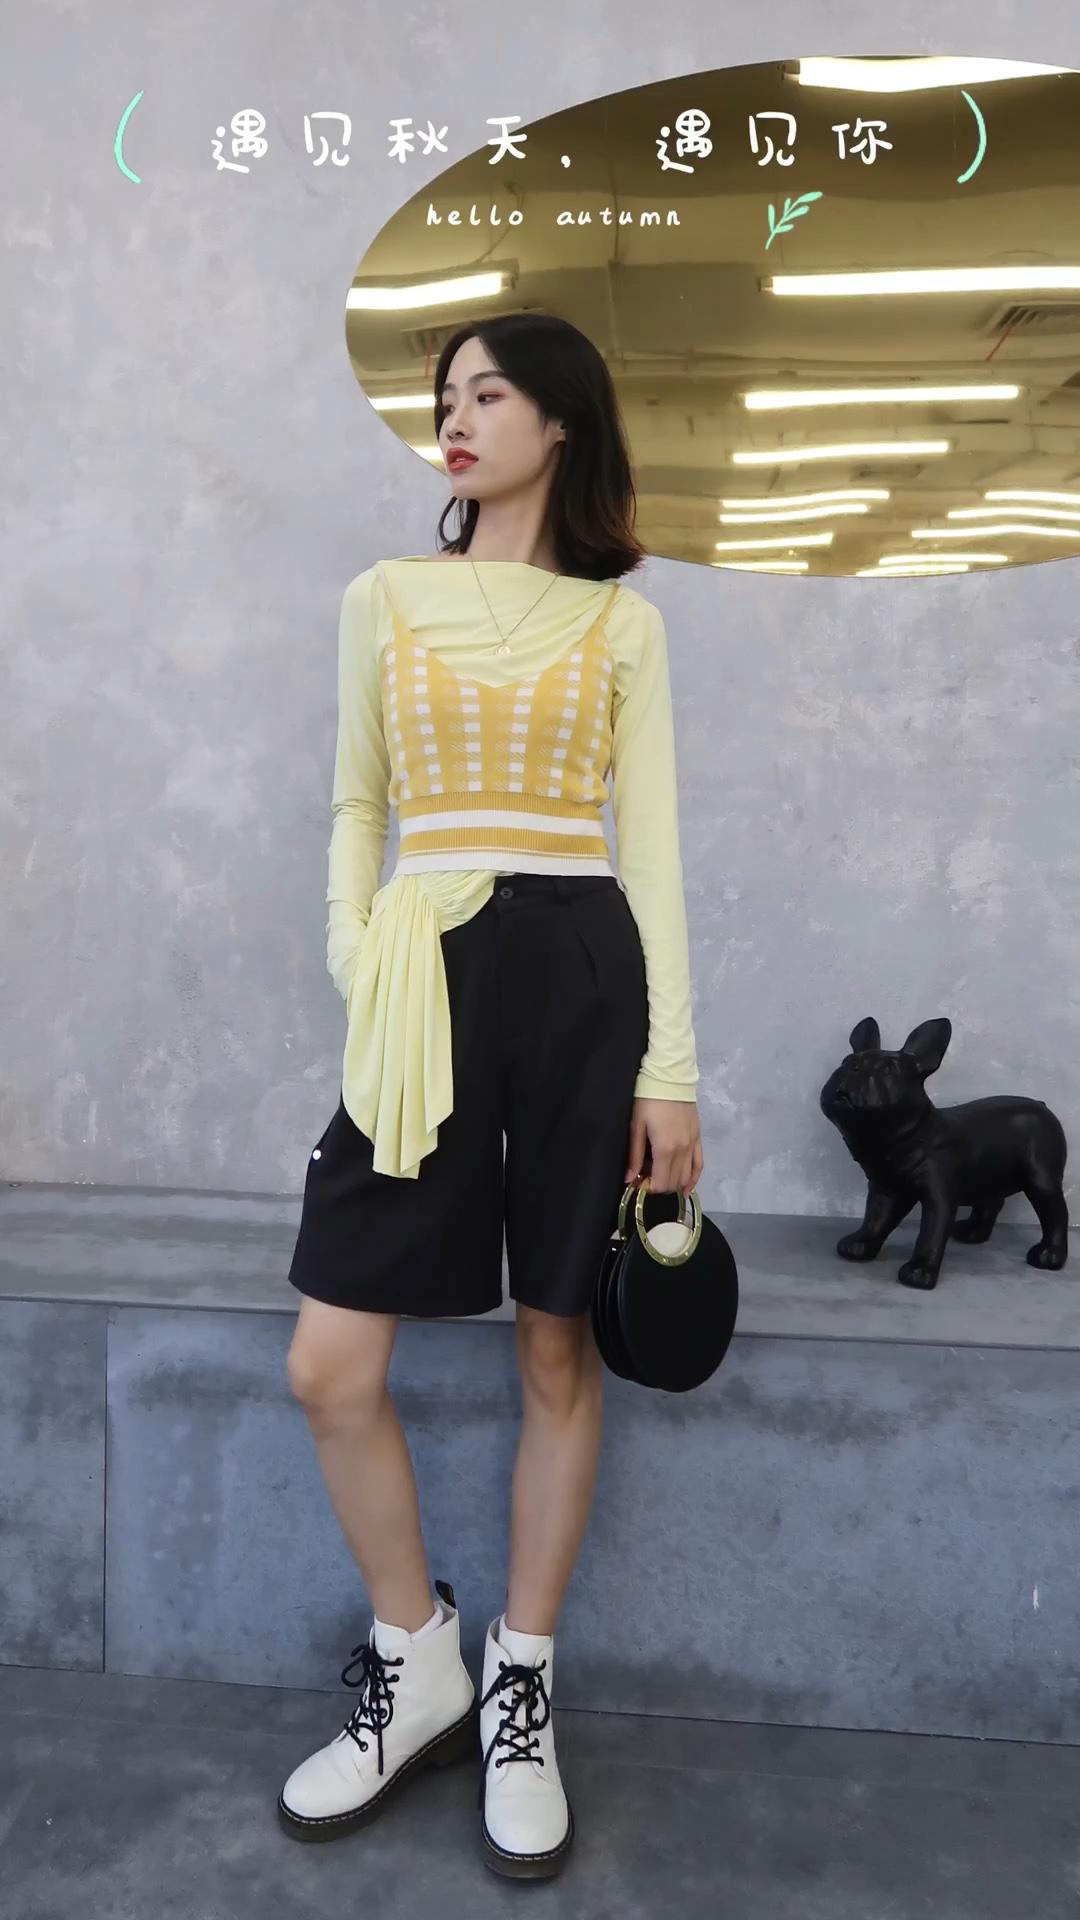 #入秋单品王,这件最上头# 166 cm 46kg H身材 上衣:黄色衬衫➕格子背心 裤子:黑色5分裤 适合场合&季节:秋季、出游 风格:简约、韩范、气质